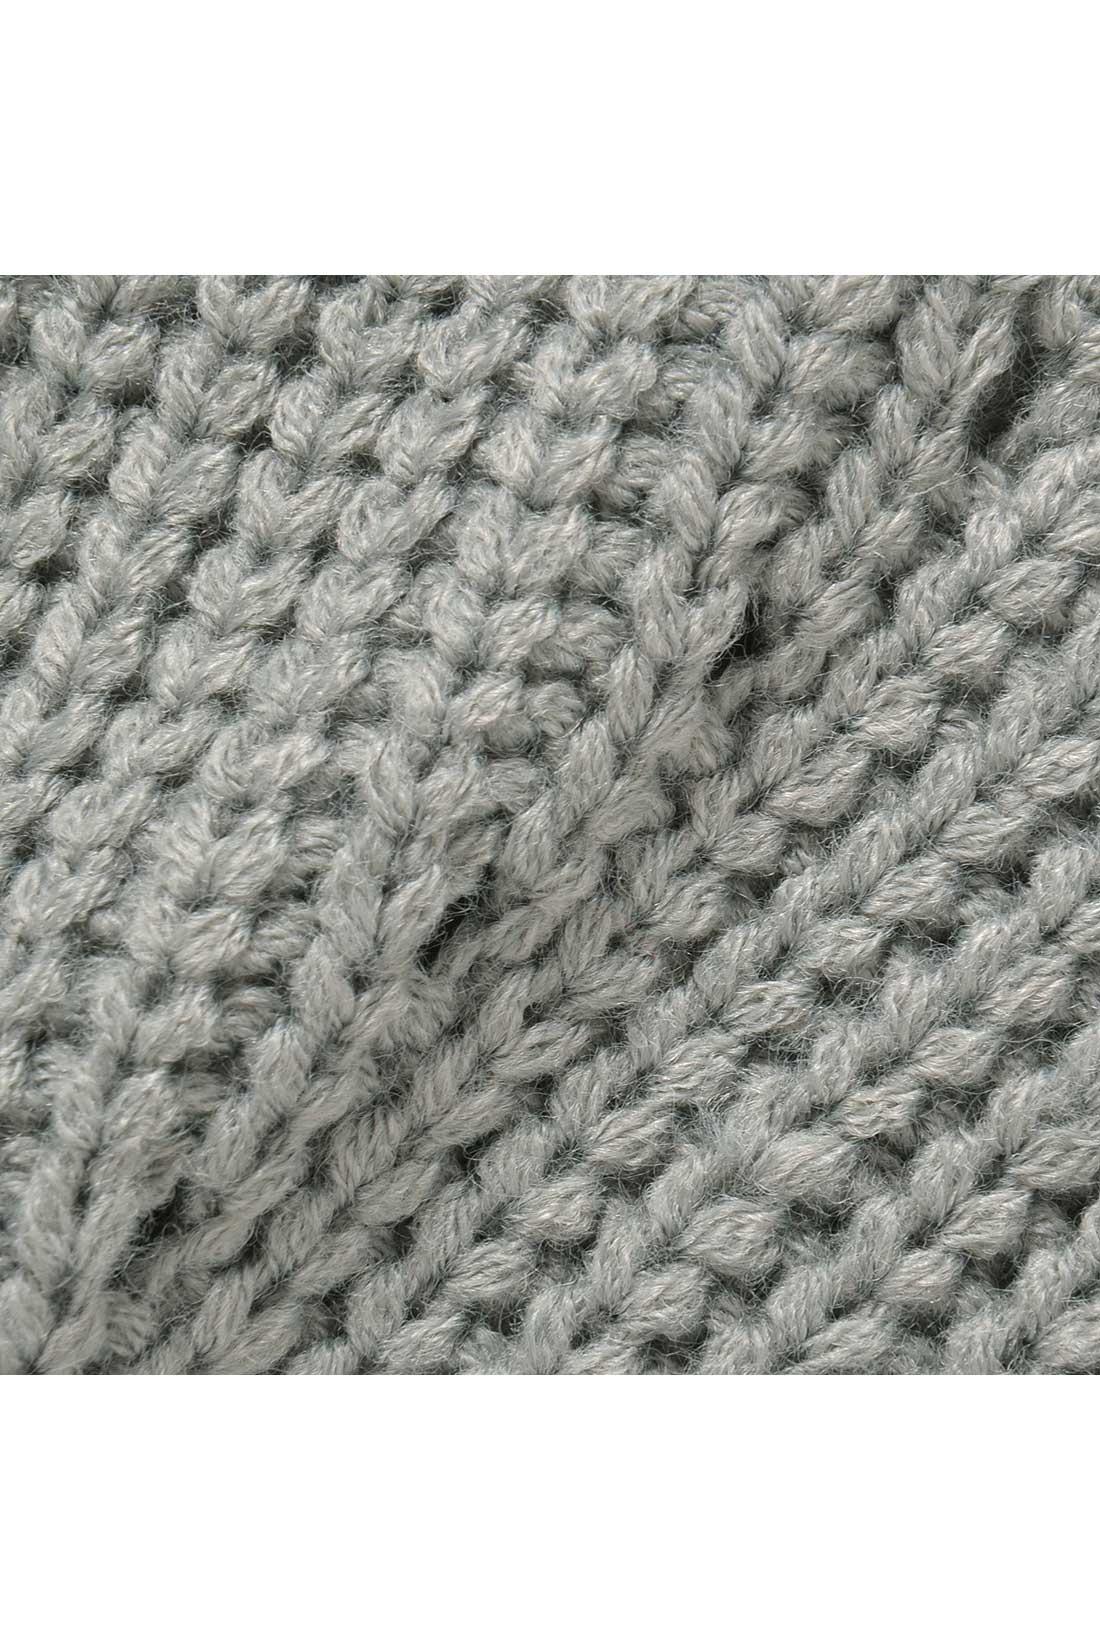 撚(よ)りの甘いやわらかな糸で編んだ、あたたかみのあるニットベスト。